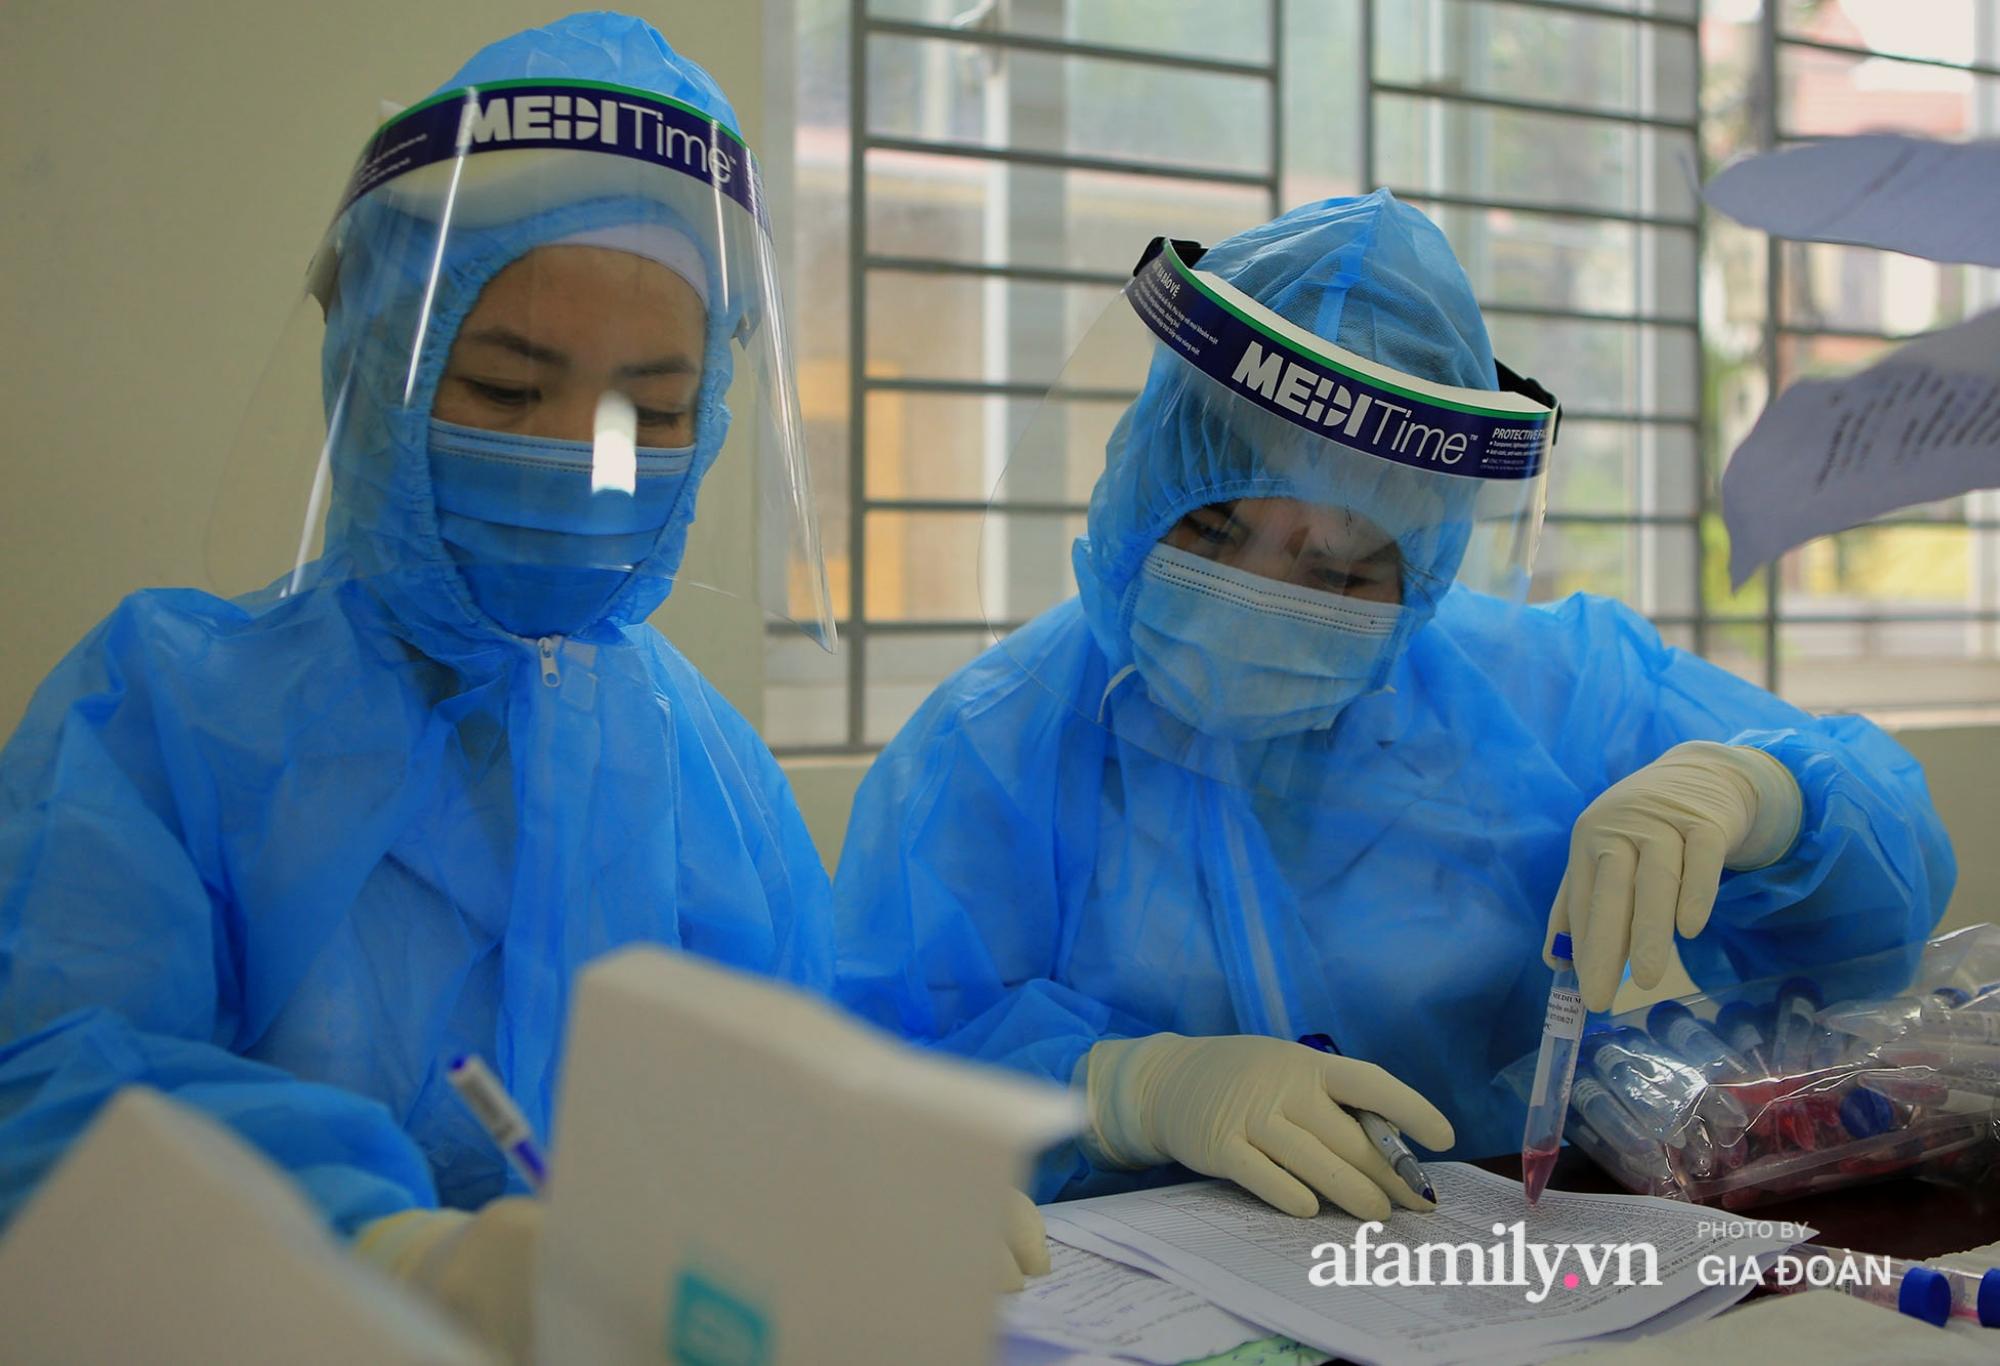 Hàng trăm F2 có liên quan đến học sinh đang cách ly tại Trường tiểu học Xuân Phương đội mưa đi lấy mẫu xét nghiệm Covid-19 - Ảnh 14.